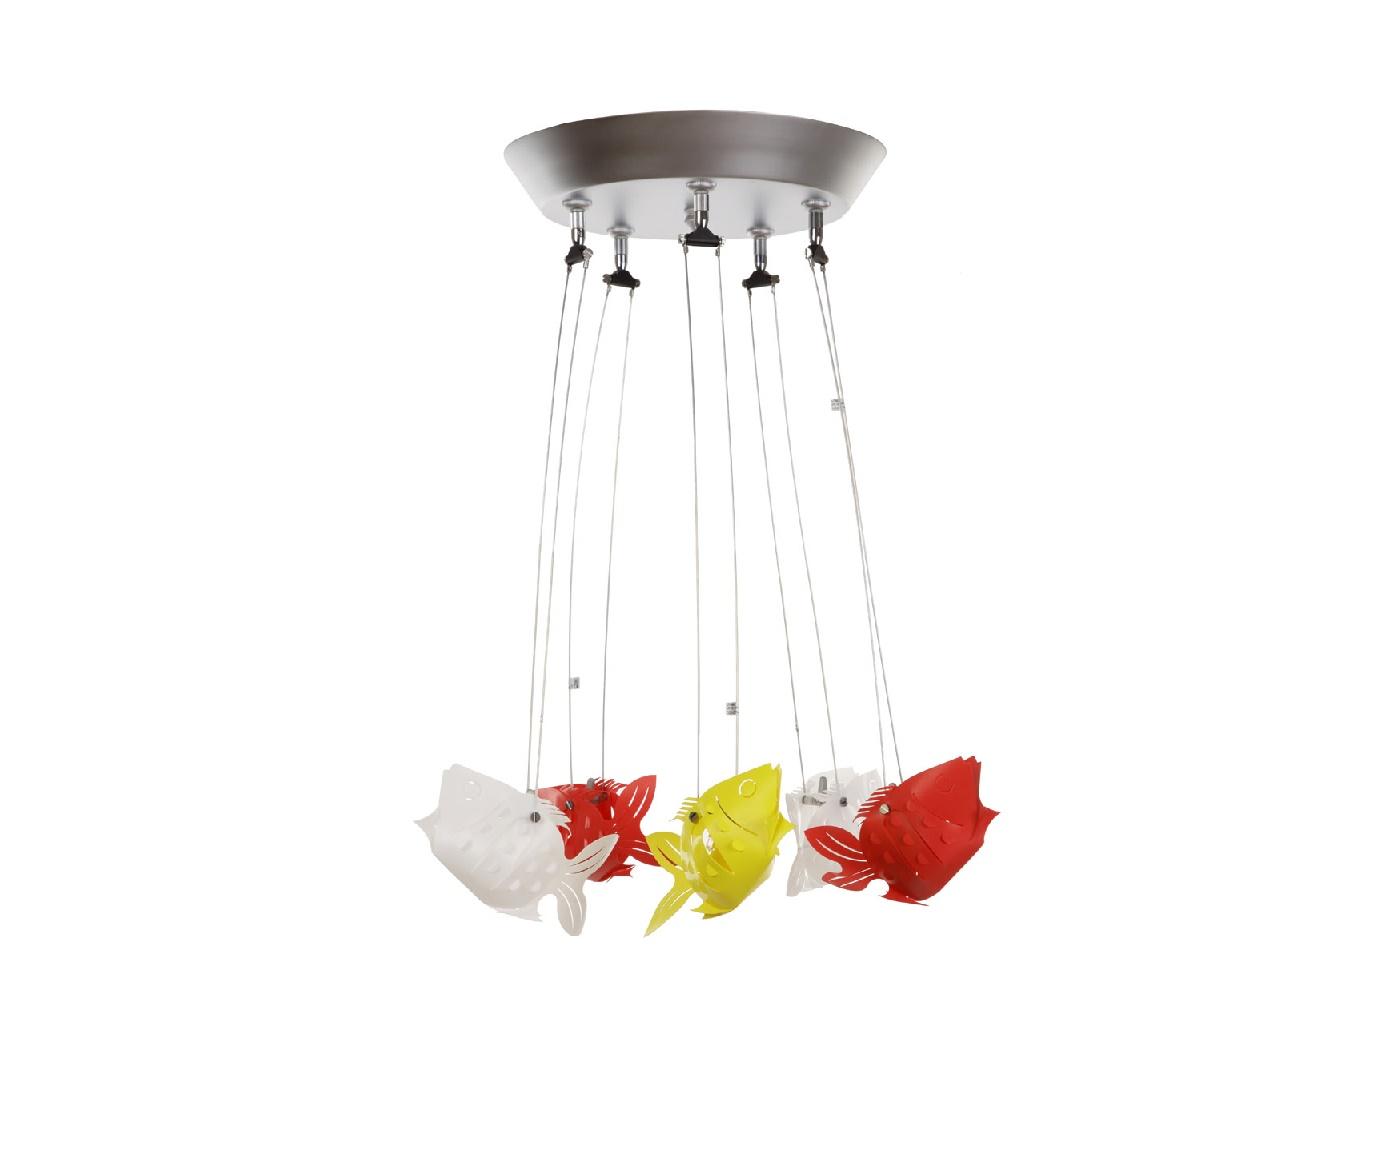 Потолочный светильник РыбкиПодвесные светильники<br>Красочный светильник &amp;quot;Рыбки&amp;quot; одним совим видом успокаивает и дарит гармонию. Об аквариуме с цветными обитателями морей мечтают многие люди, но это дорогое удовольствие, а позволить себе такой светильник может каждый.&amp;lt;div&amp;gt;&amp;lt;br&amp;gt;&amp;lt;div&amp;gt;&amp;lt;span style=&amp;quot;line-height: 27.7777786254883px;&amp;quot;&amp;gt;Безопасное напряжение 12V. Трансформатор и галогенные лампы OSRAM 20W (5шт) в комплекте. Лампы находятся в цветном теле рыбок. Материалы - металл (серебристый), пластик (синий, желтый, белый), длина рыбки 14 см.&amp;lt;/span&amp;gt;&amp;lt;br&amp;gt;&amp;lt;/div&amp;gt;&amp;lt;/div&amp;gt;<br><br>Material: Металл<br>Height см: 50<br>Diameter см: 32